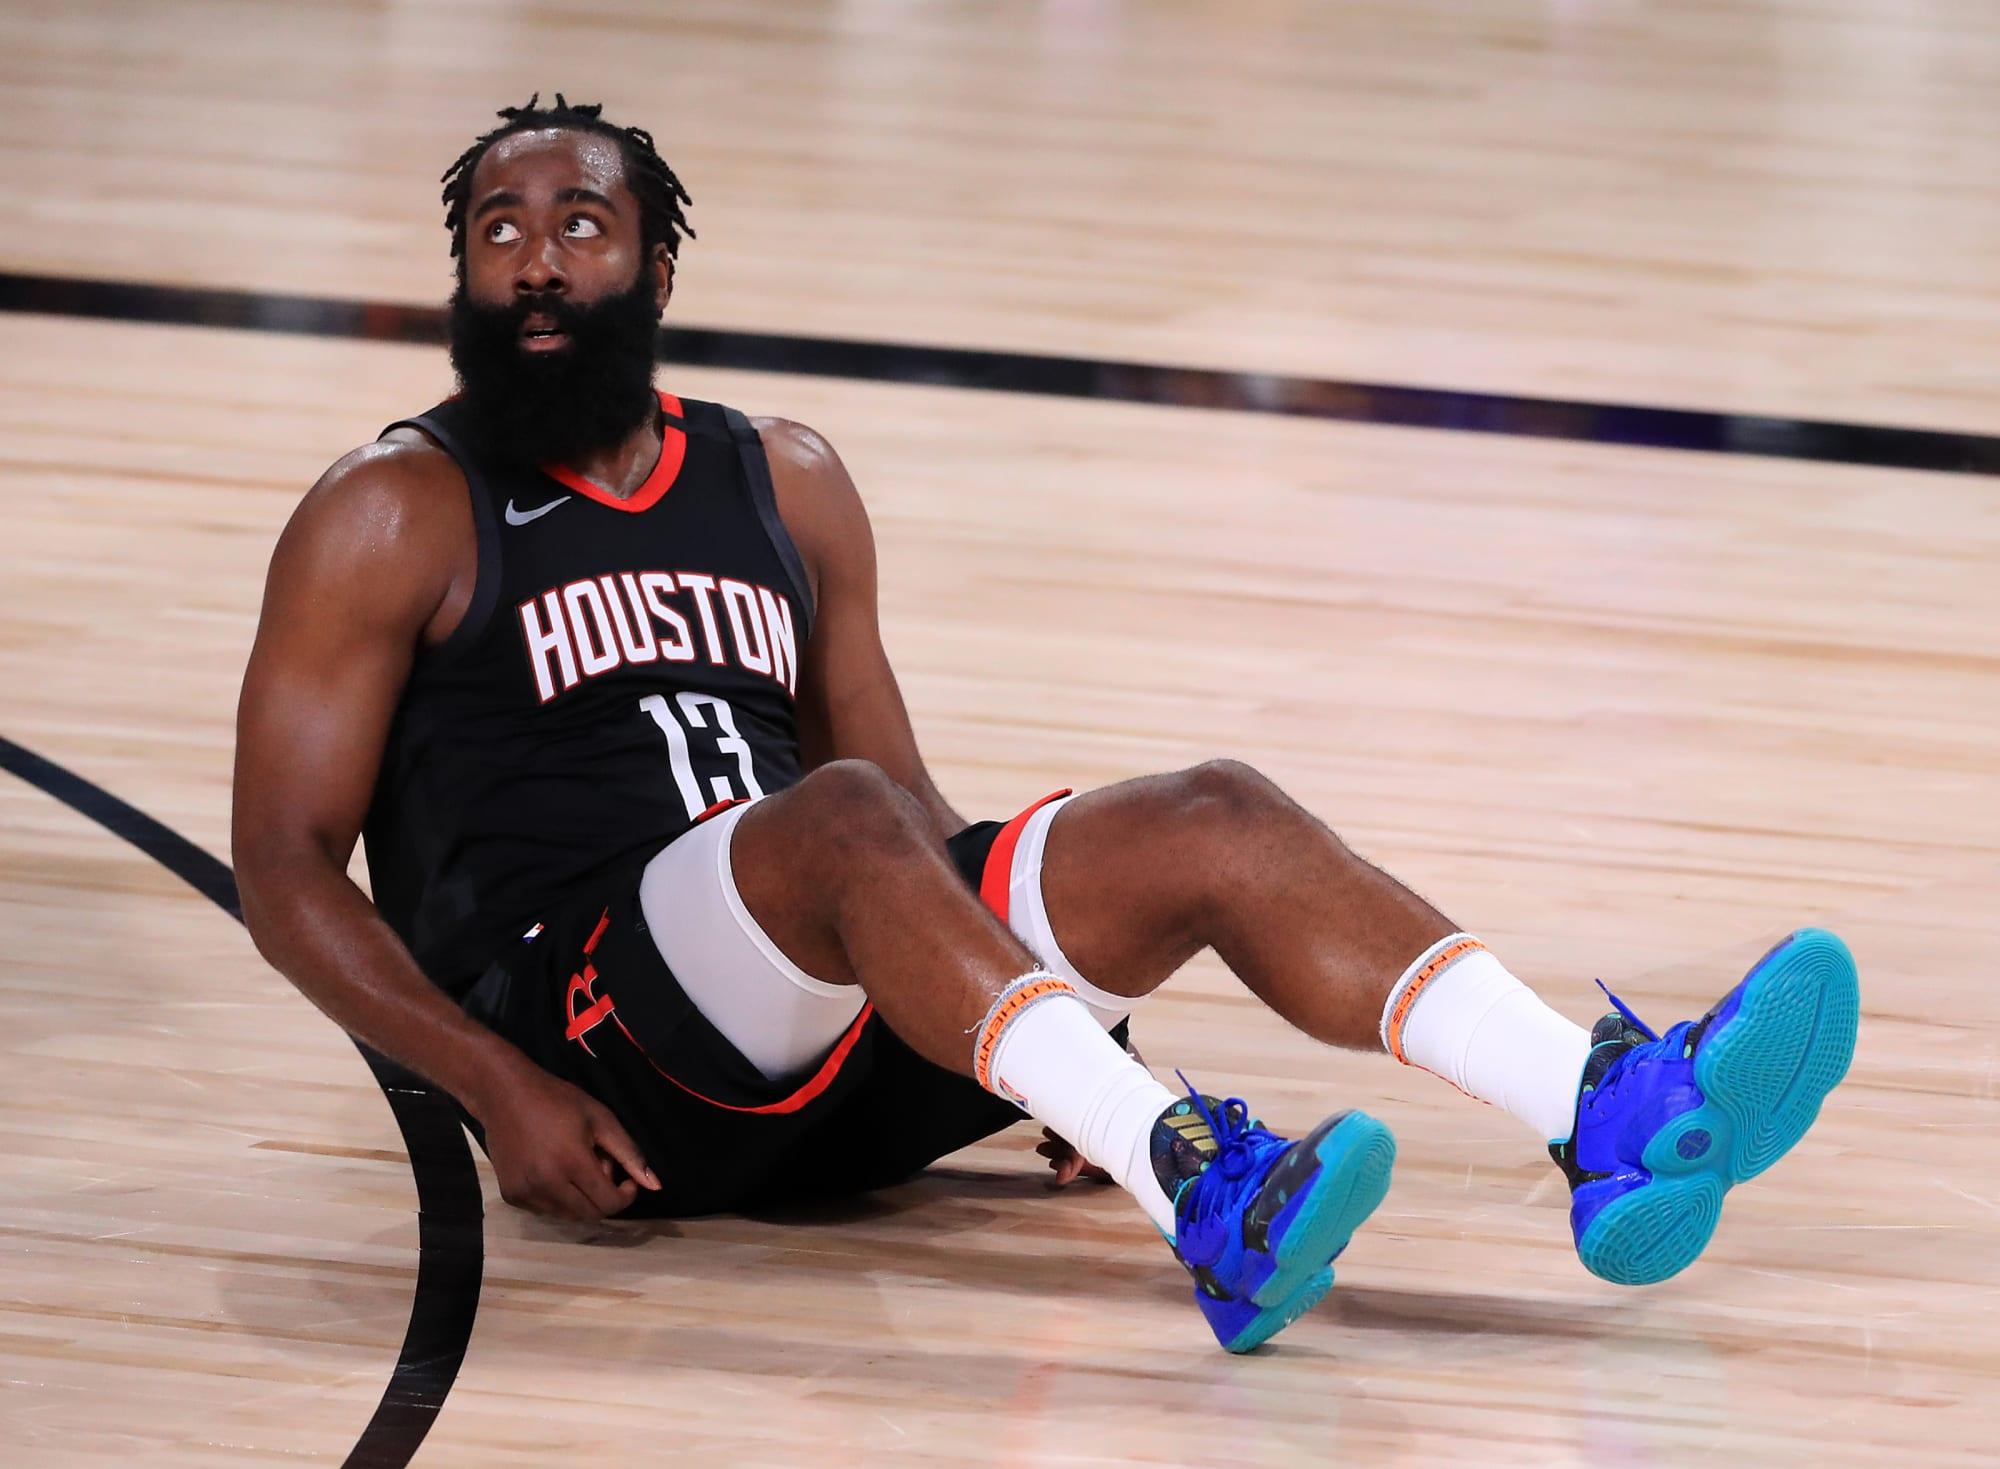 Opinion: Former Sun Devil James Harden is not an NBA Superstar